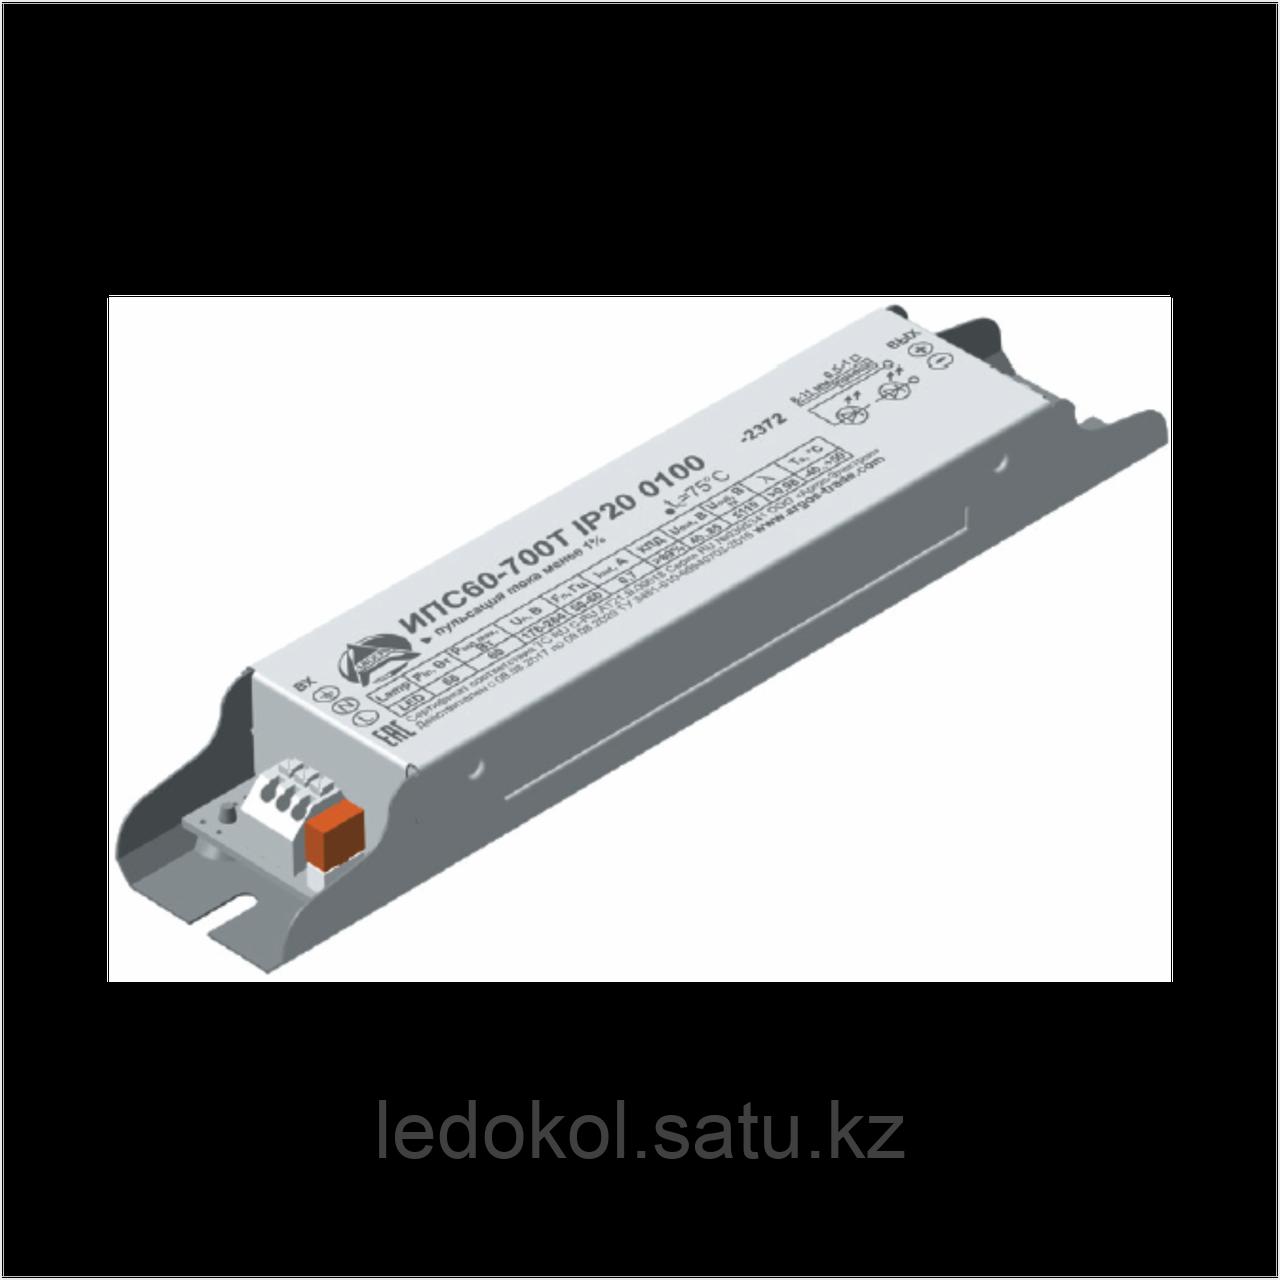 Источник питания Аргос ИПС60-700Т ПРОМ IP20 0100